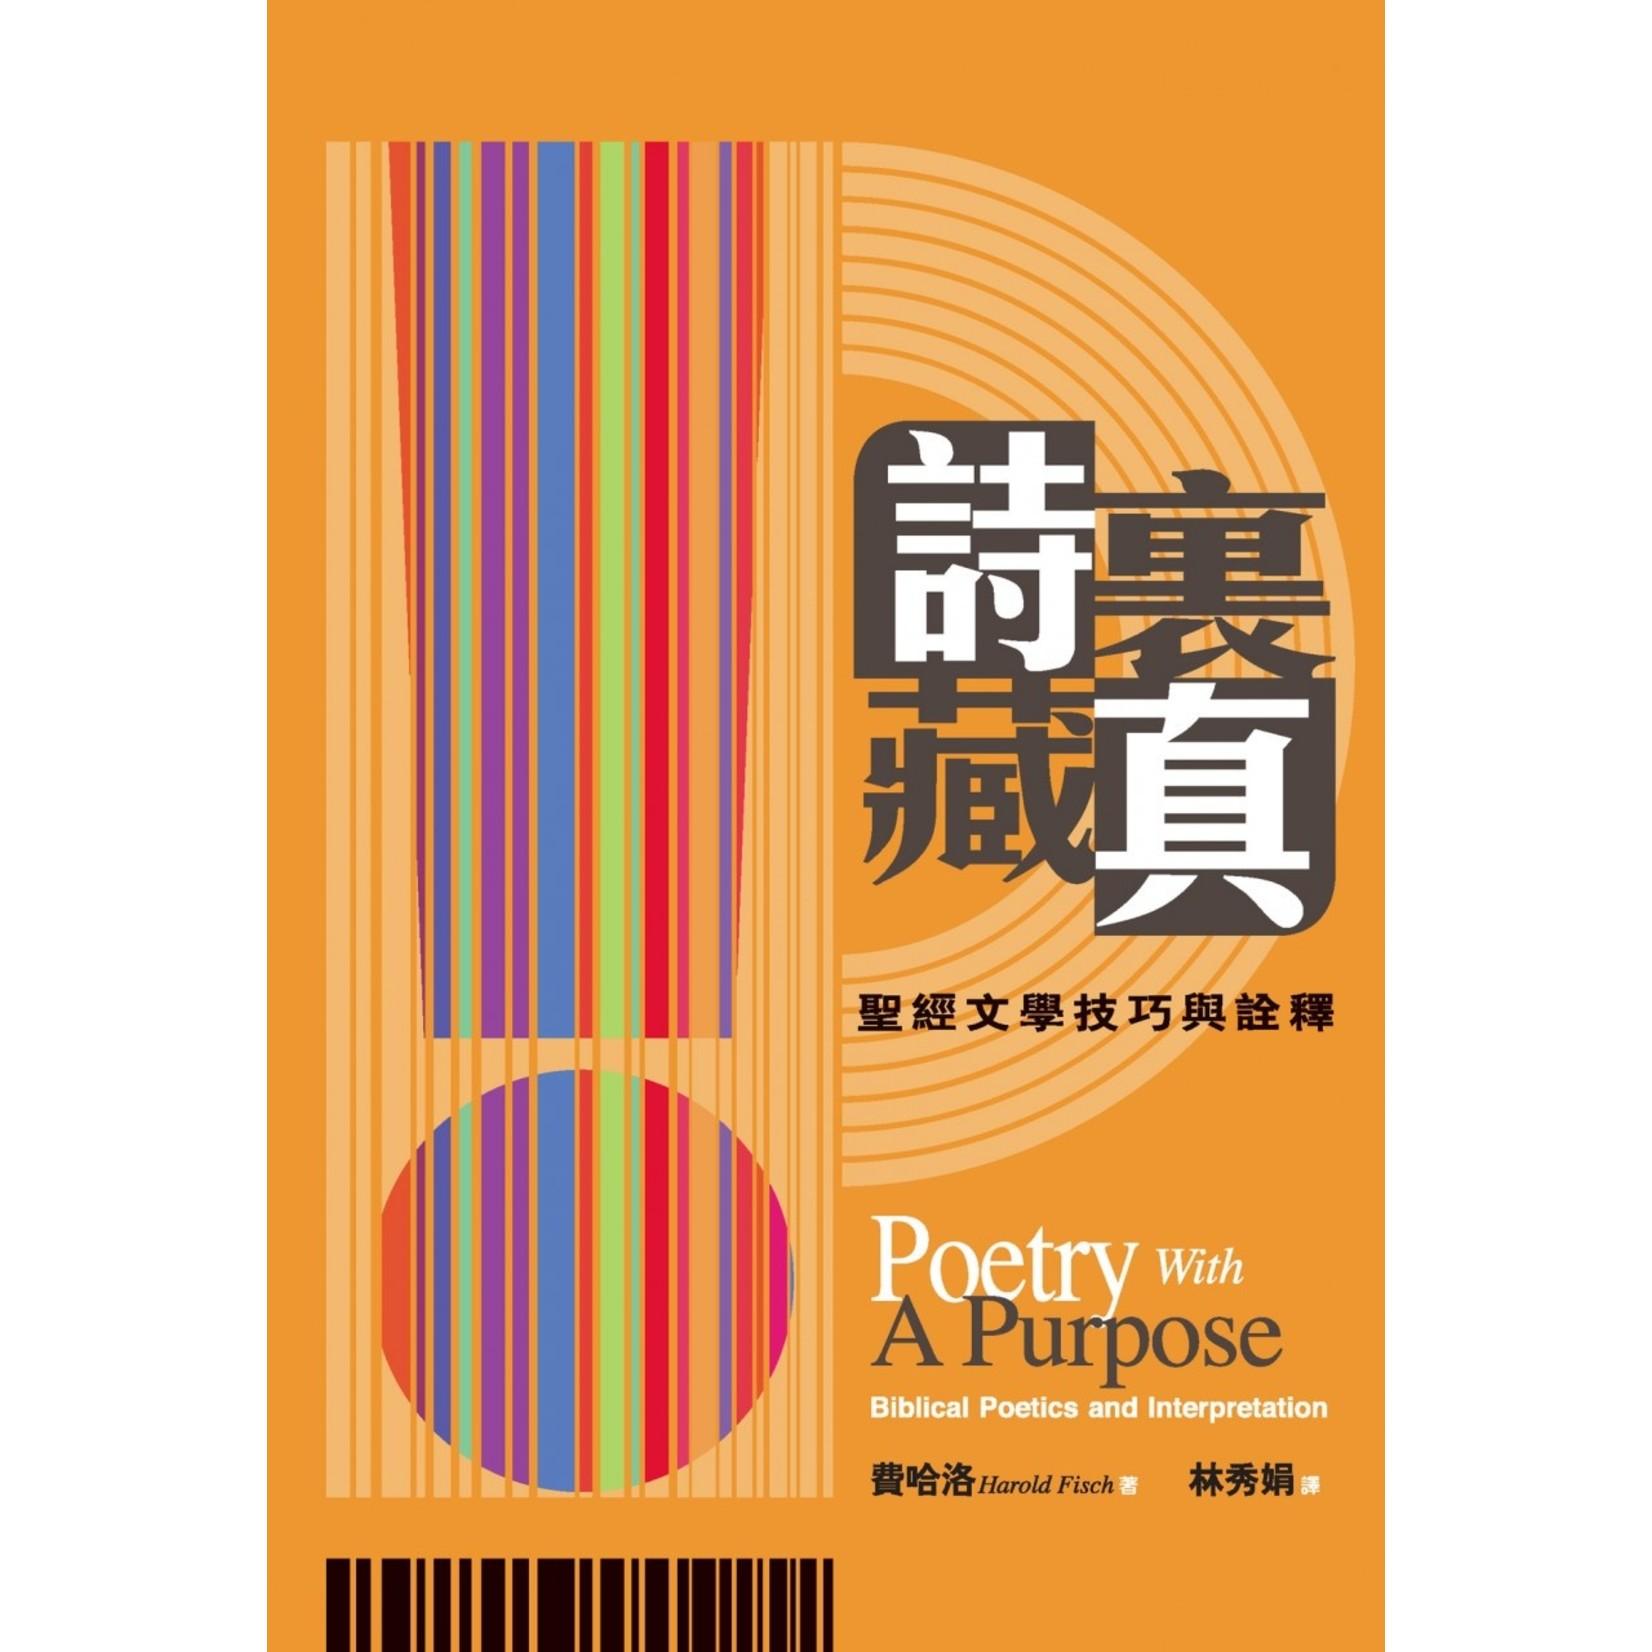 漢語聖經協會 Chinese Bible International 詩裡藏真:聖經文學技巧與詮釋 Poetry with a Purpose